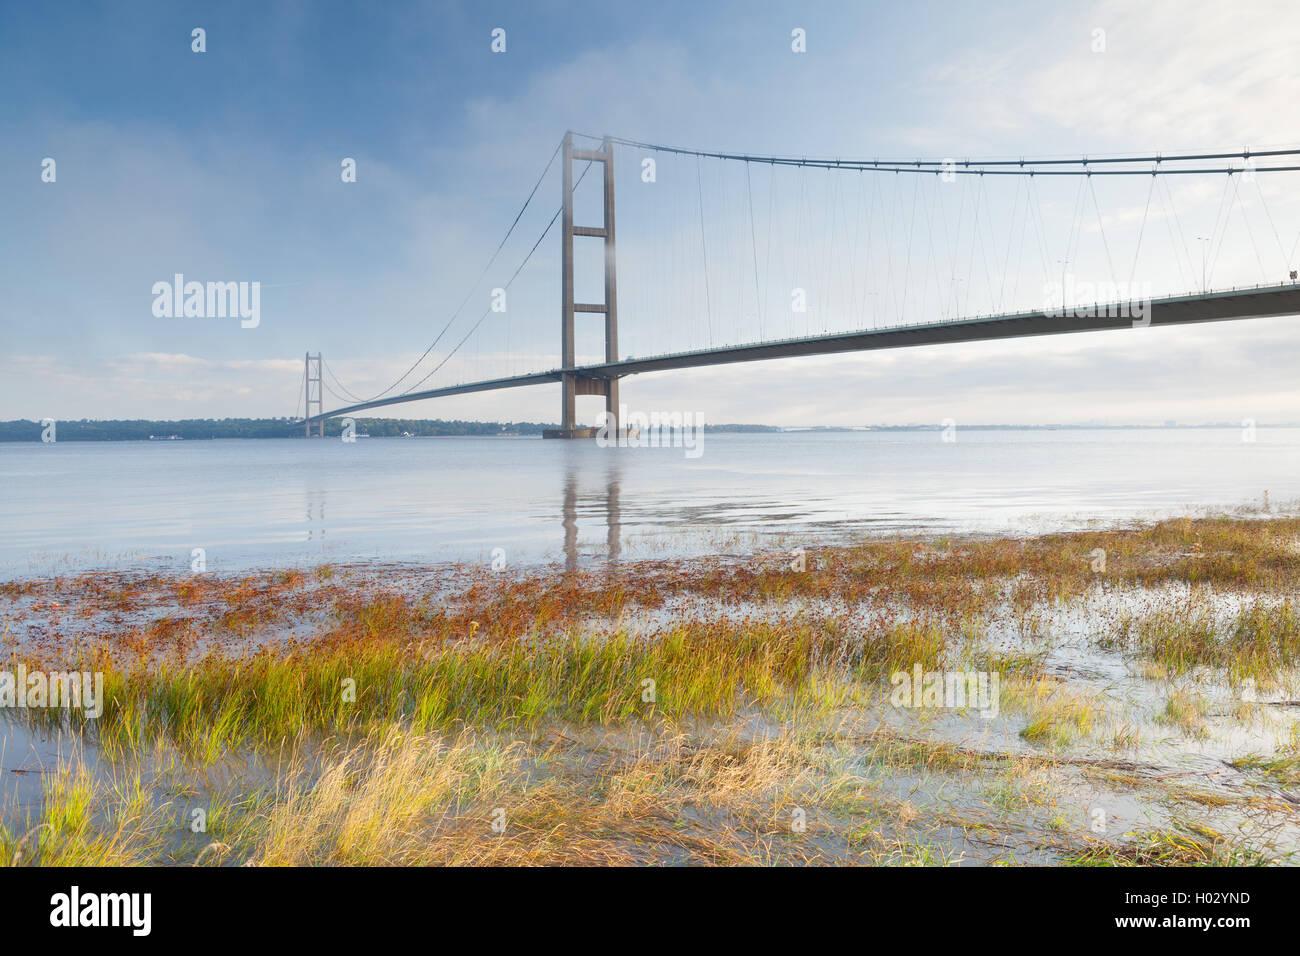 El Puente Humber en niebla y niebla. El puente que une Barton-upon-Humber en el norte de Lincolnshire a Hessle en Imagen De Stock